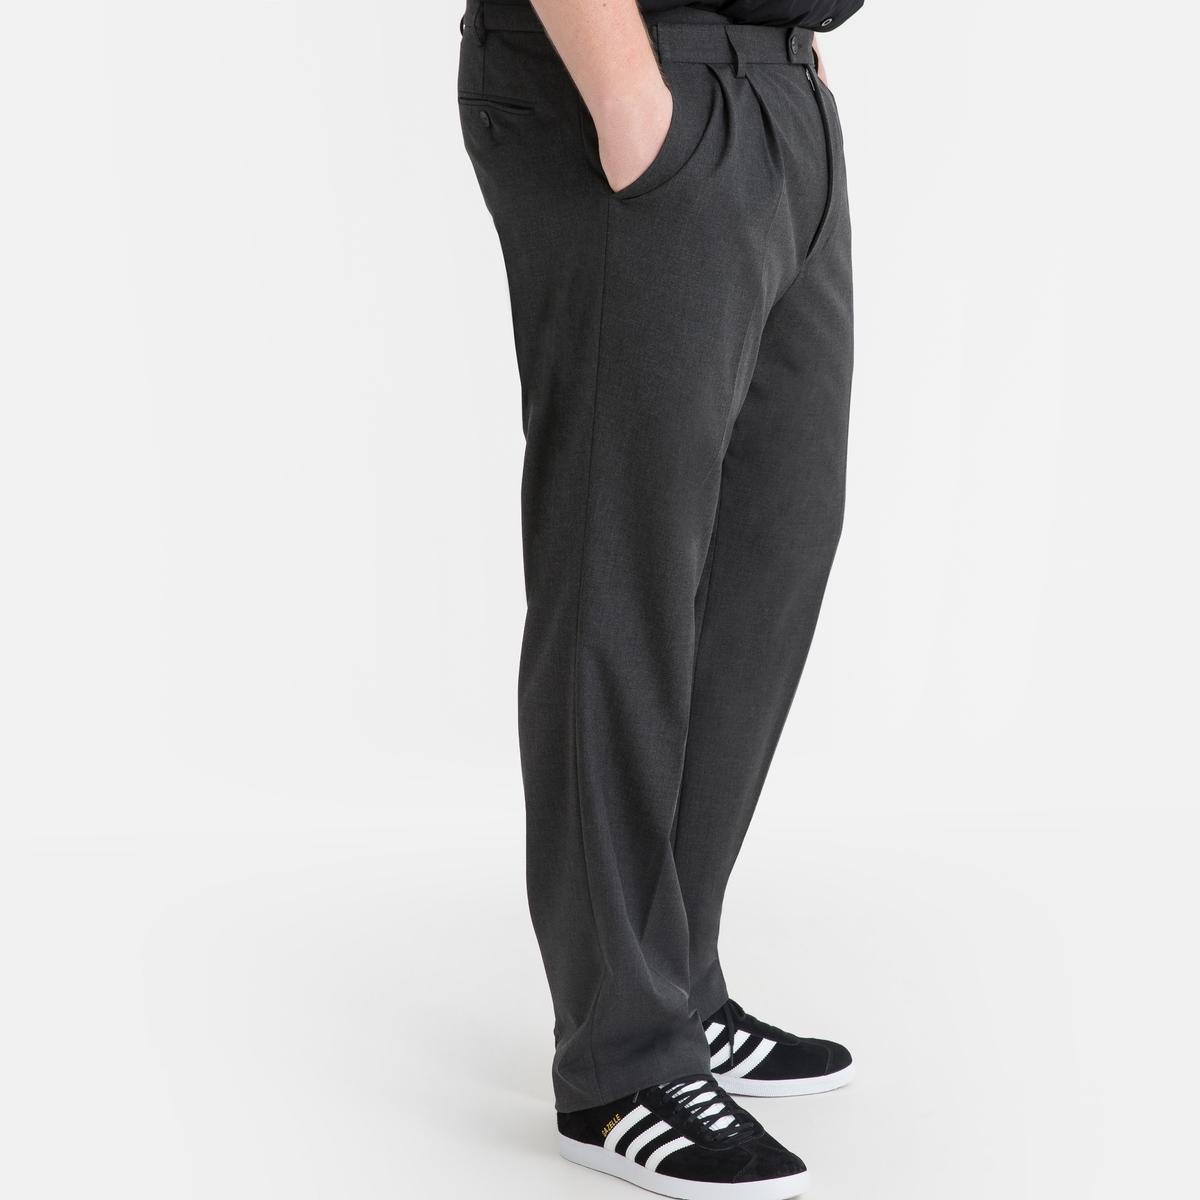 Calças de fato, com pinças, stretch, comp. 2